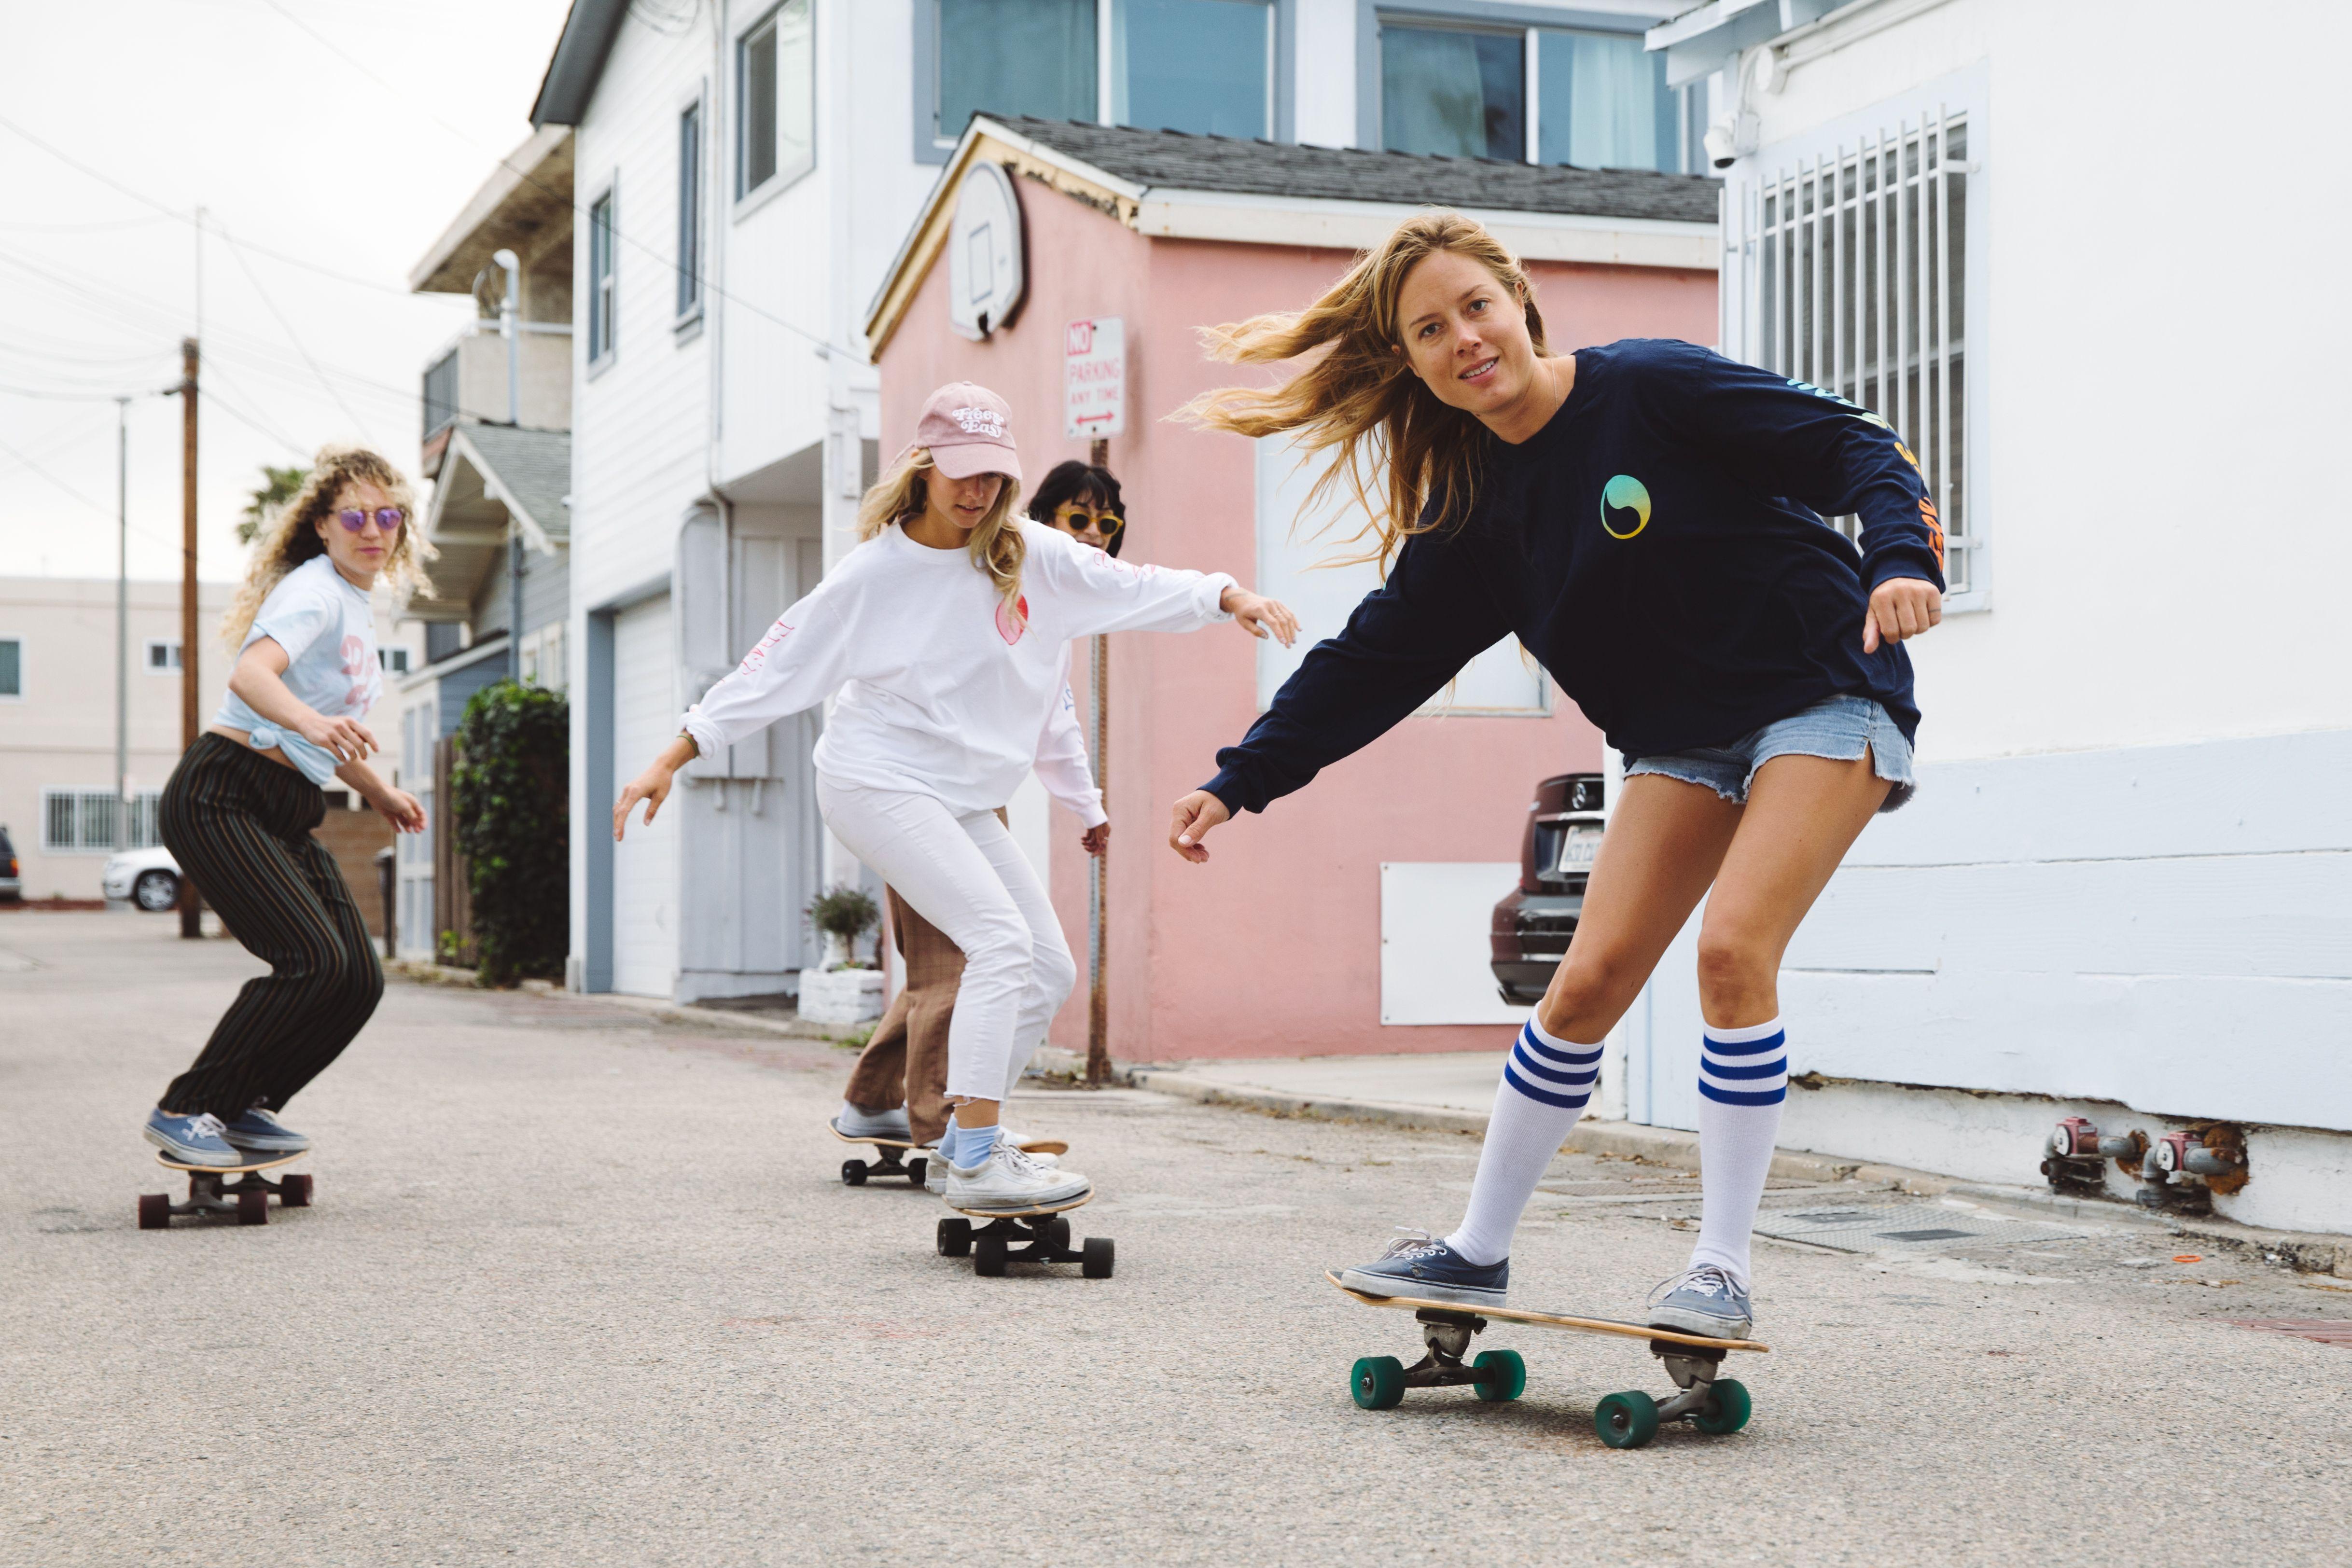 Grlswirl For Free And Easy Shot By Monroe Alvarez Skateboarding Femaleskateboarder Skater Girls Skateboard Girl Skater Girl Outfits